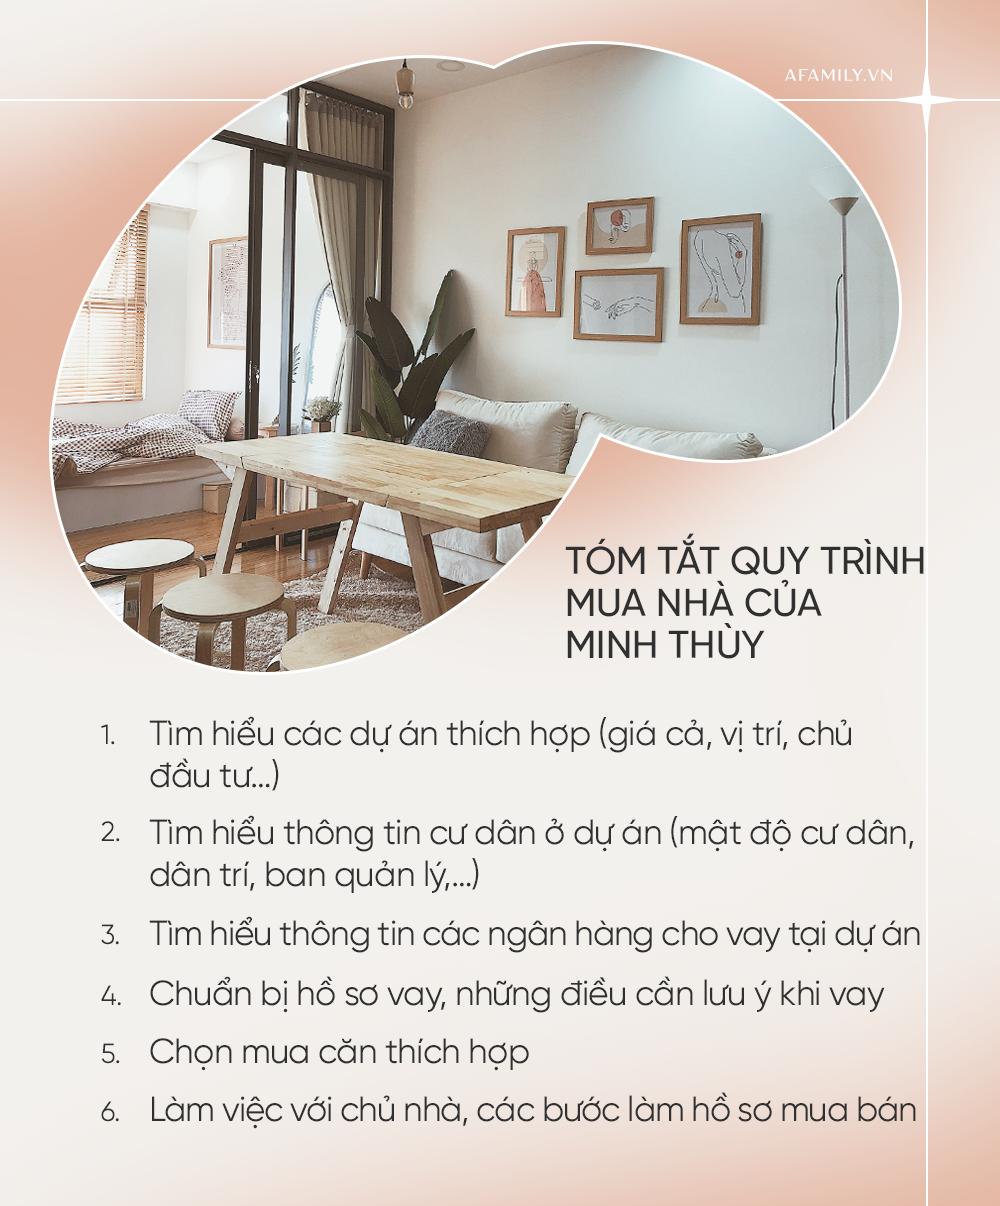 27 tuổi tự mua được căn hộ 1,8 tỷ ở Sài Gòn, cô nàng 9x mách 6 bước cần biết khi vay tiền mua nhà - Ảnh 2.